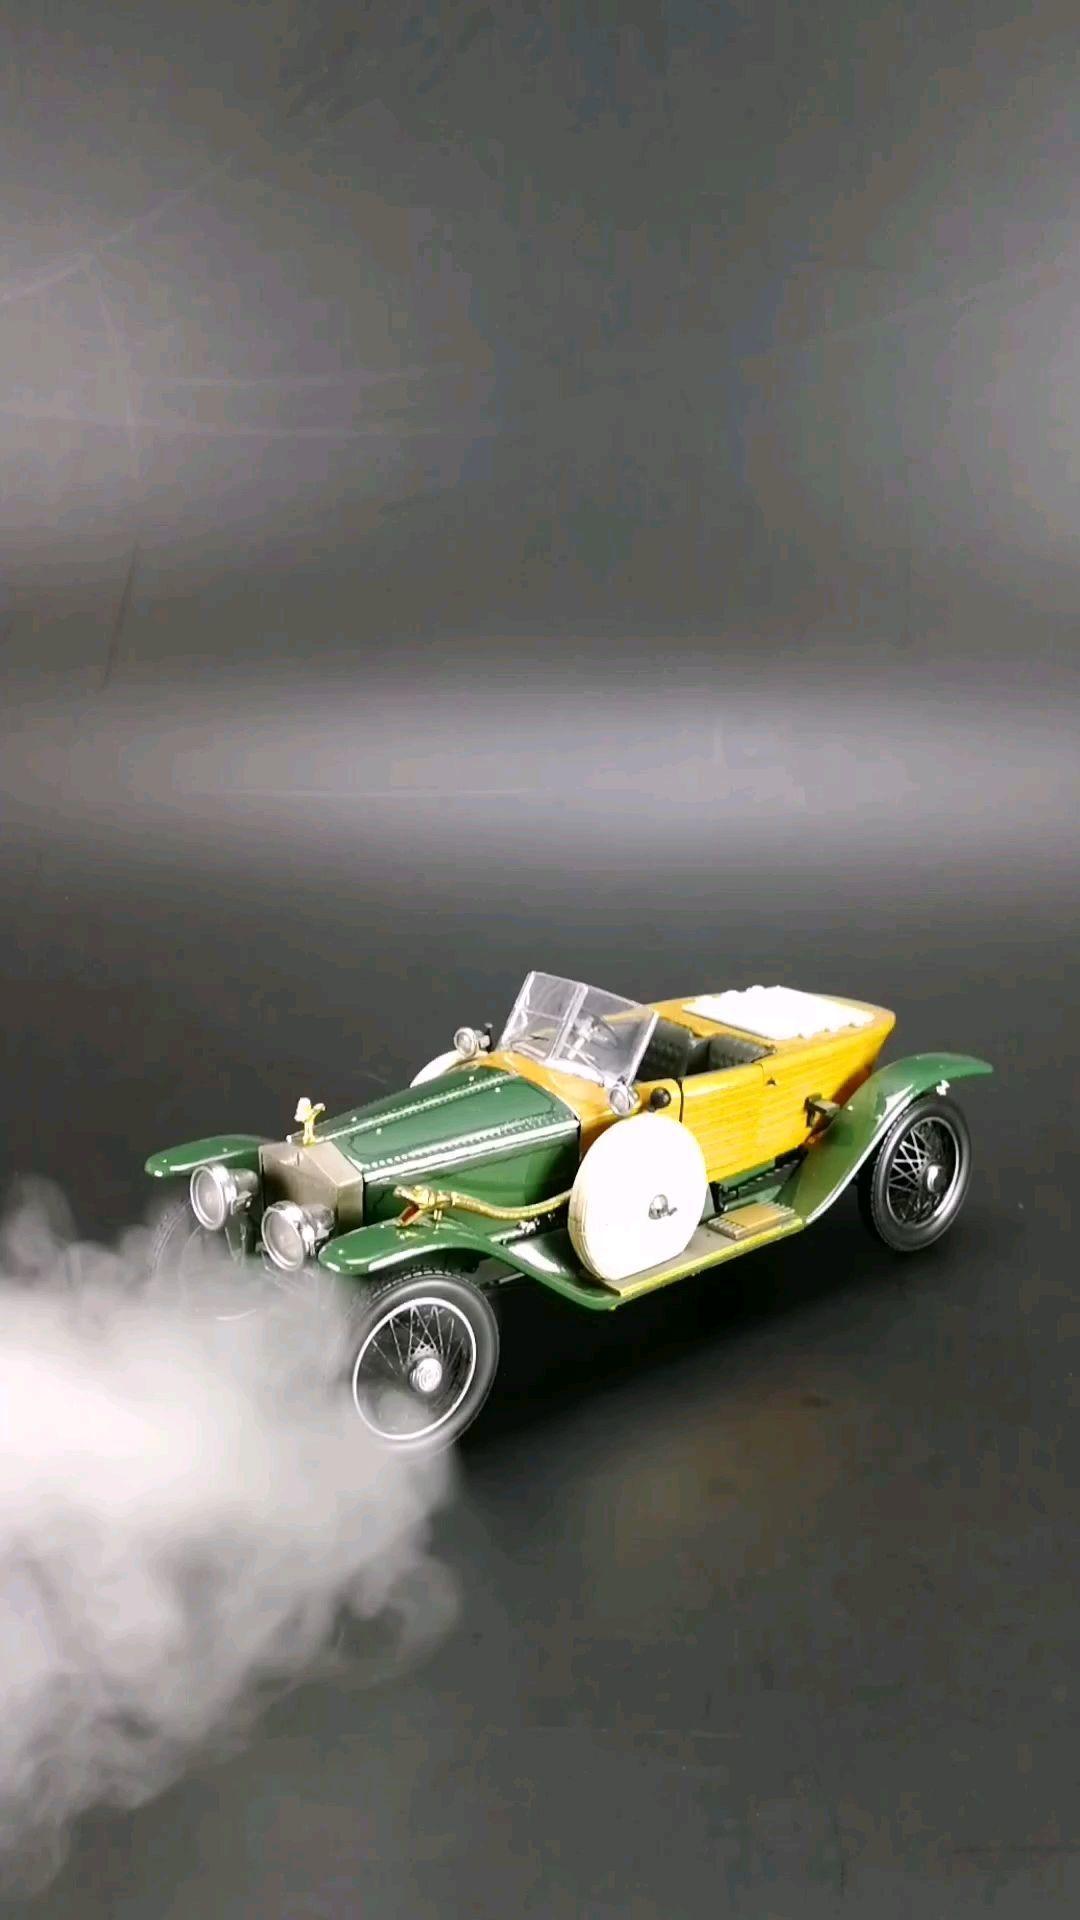 1914劳斯莱斯银灵船尾型跑车,木头车身,1:24比例,东晓汽车模型收藏馆藏品。